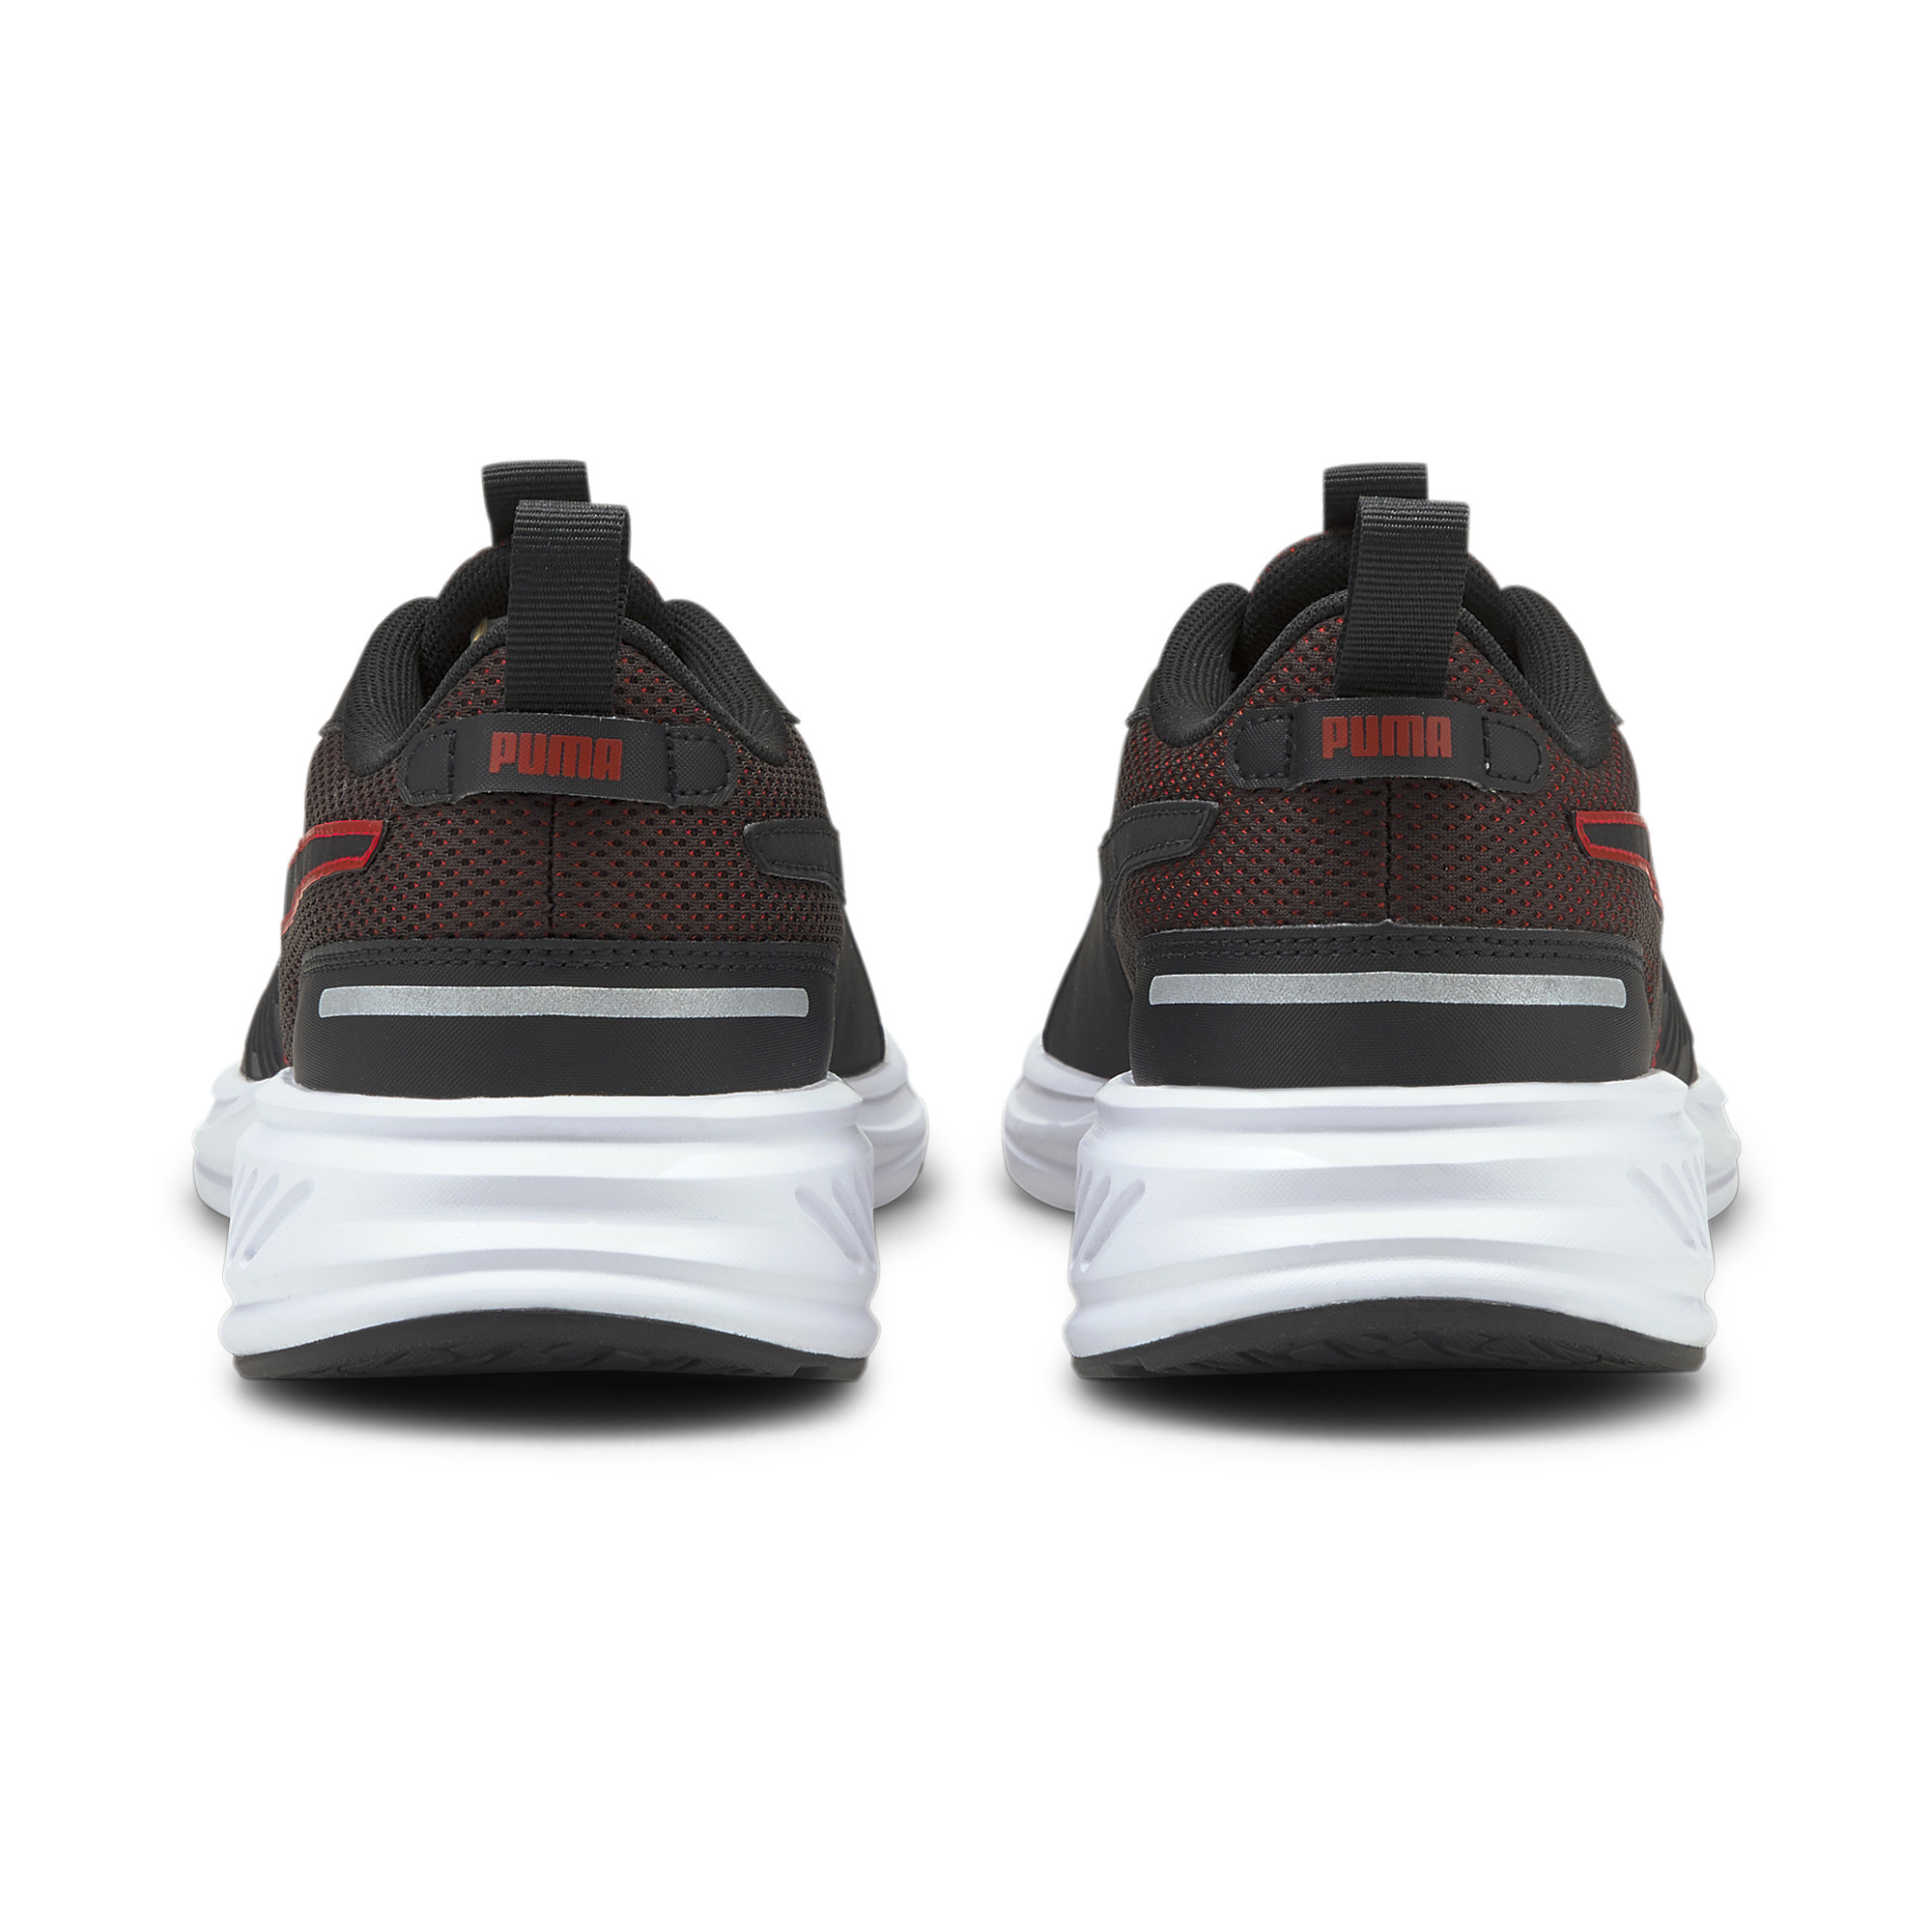 thumbnail 6 - Puma Men's Scorch Runner Running Shoes